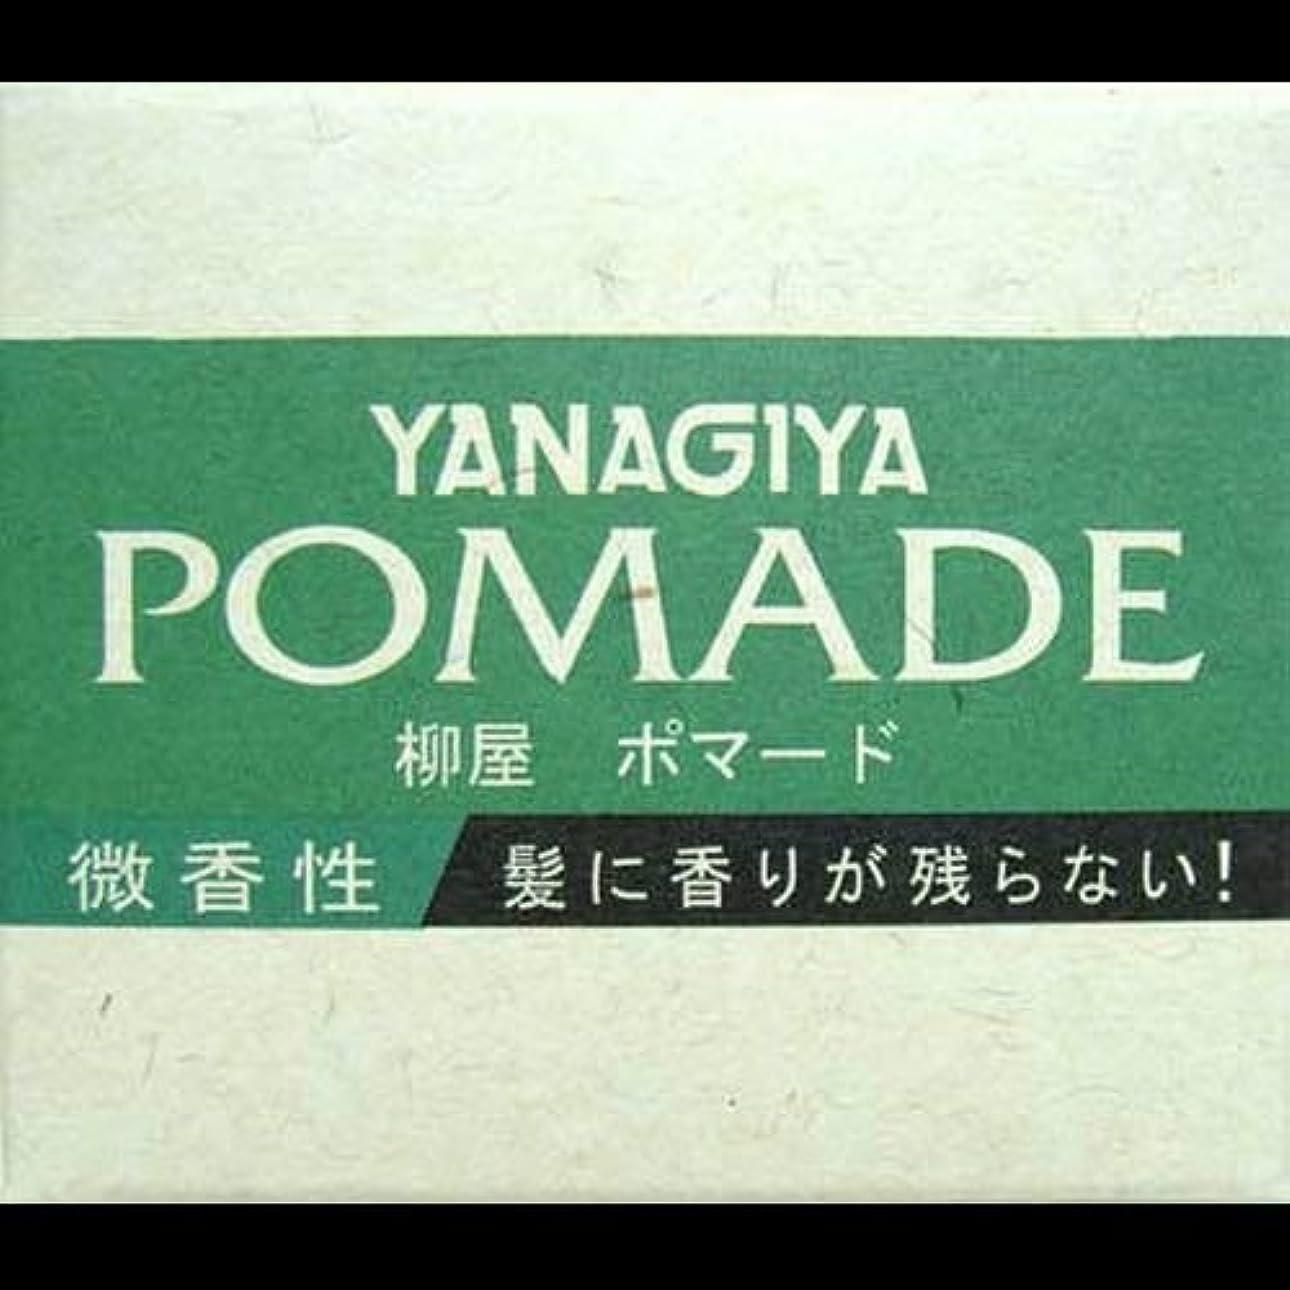 蚊ズームインするポケット【まとめ買い】柳屋 ポマード微香性120g ×2セット